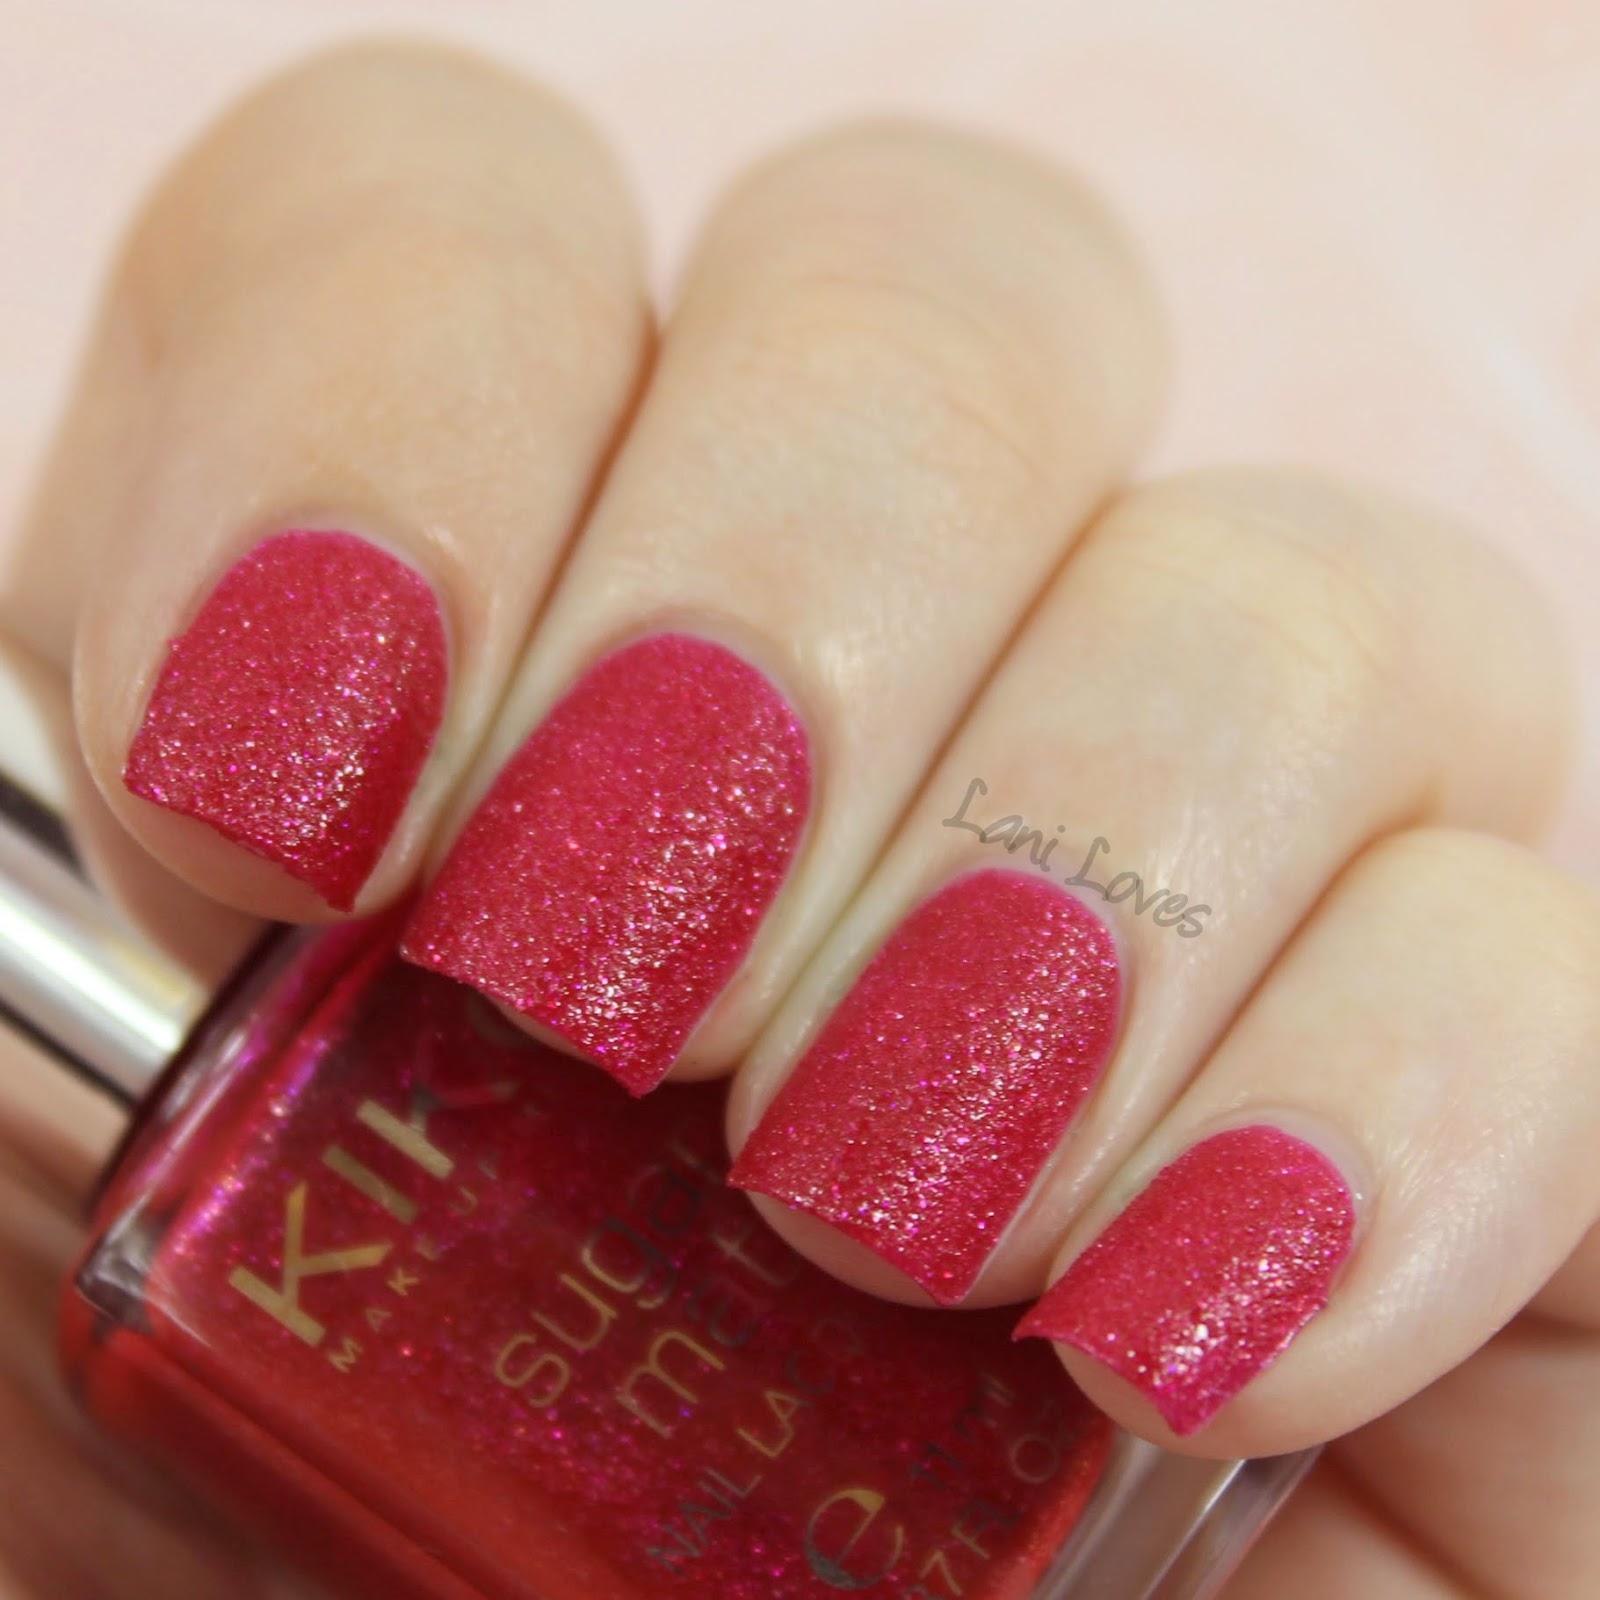 Kiko Sugar Mat - Cherry Red Swatch